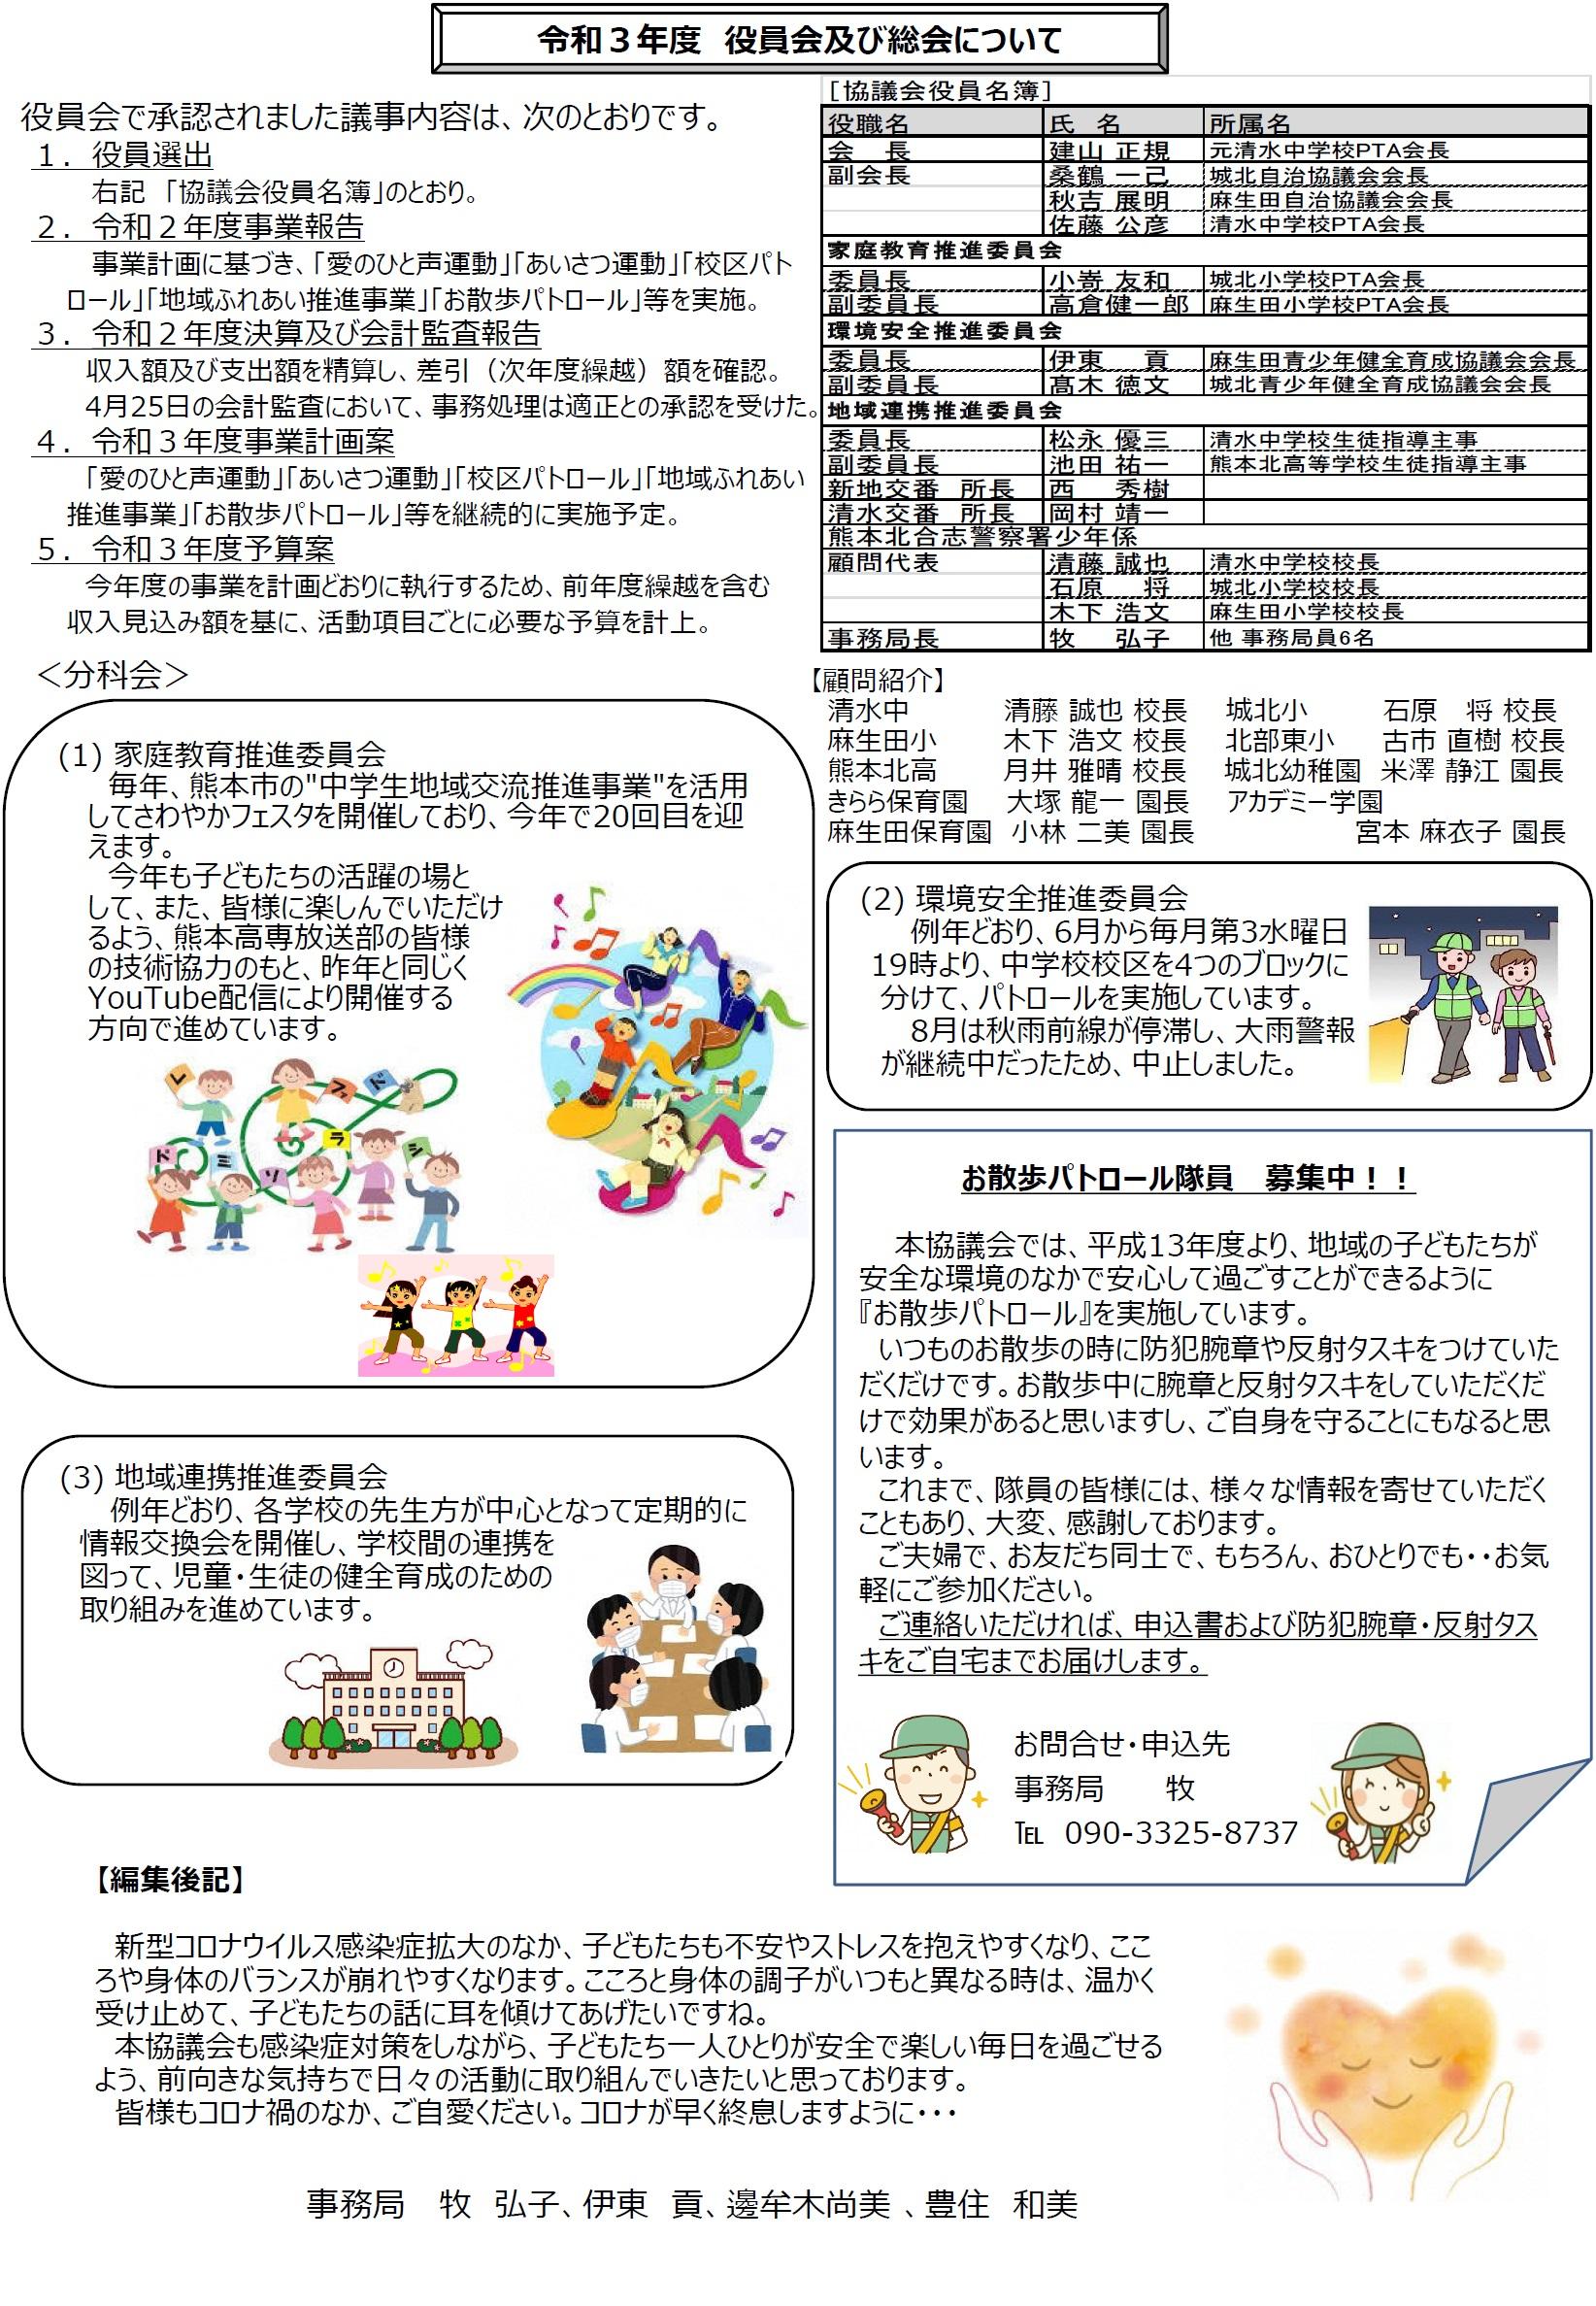 清水中学校校区児童生徒健全育成連絡協議会(2)